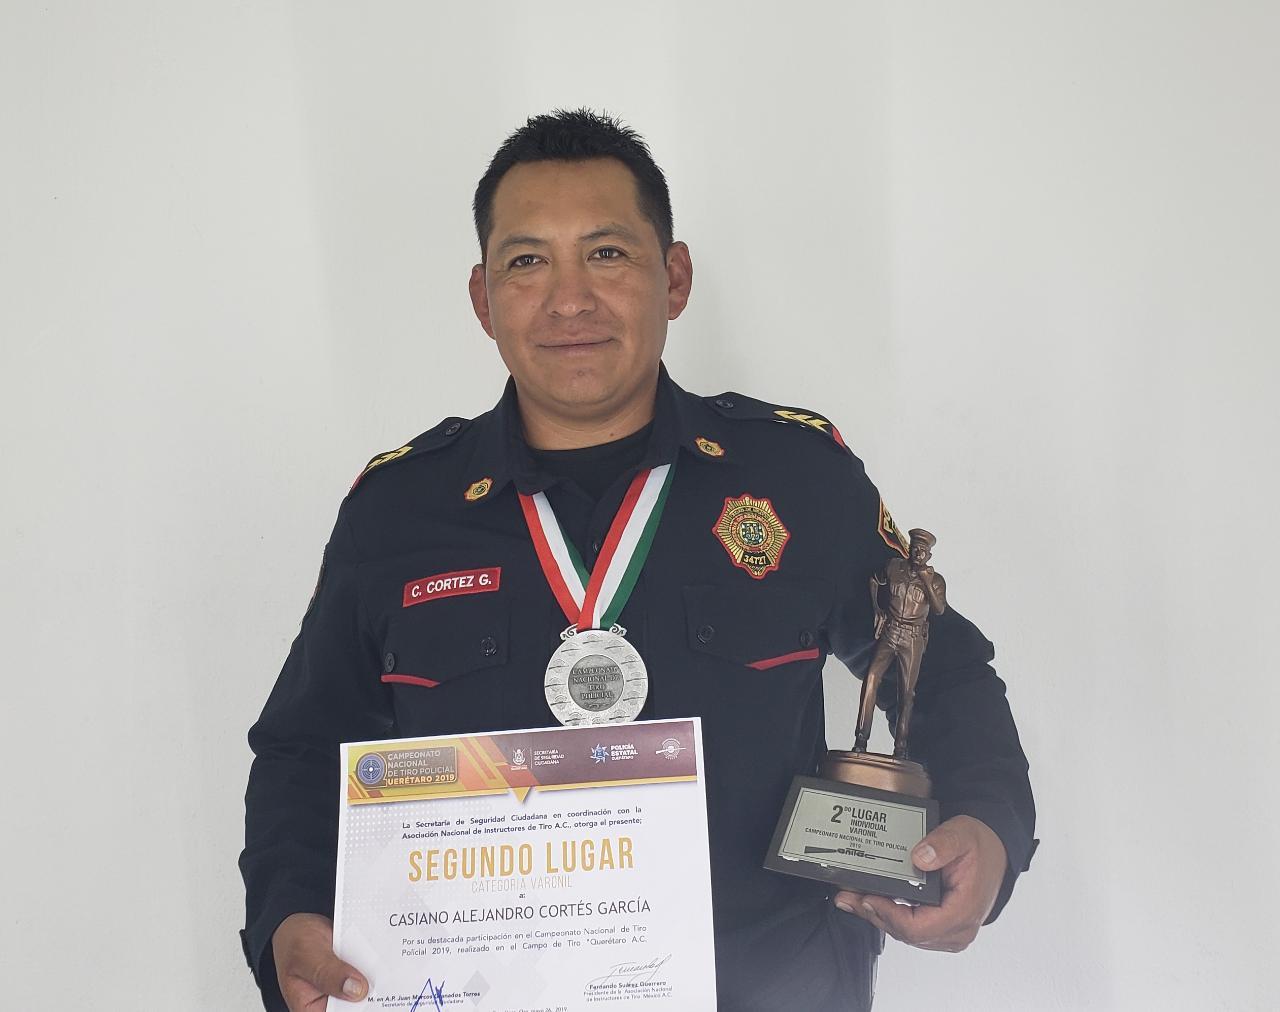 Elemento de la PBI de la SSC gana Segundo Lugar en el Campeonato Nacional de Tiro Policial